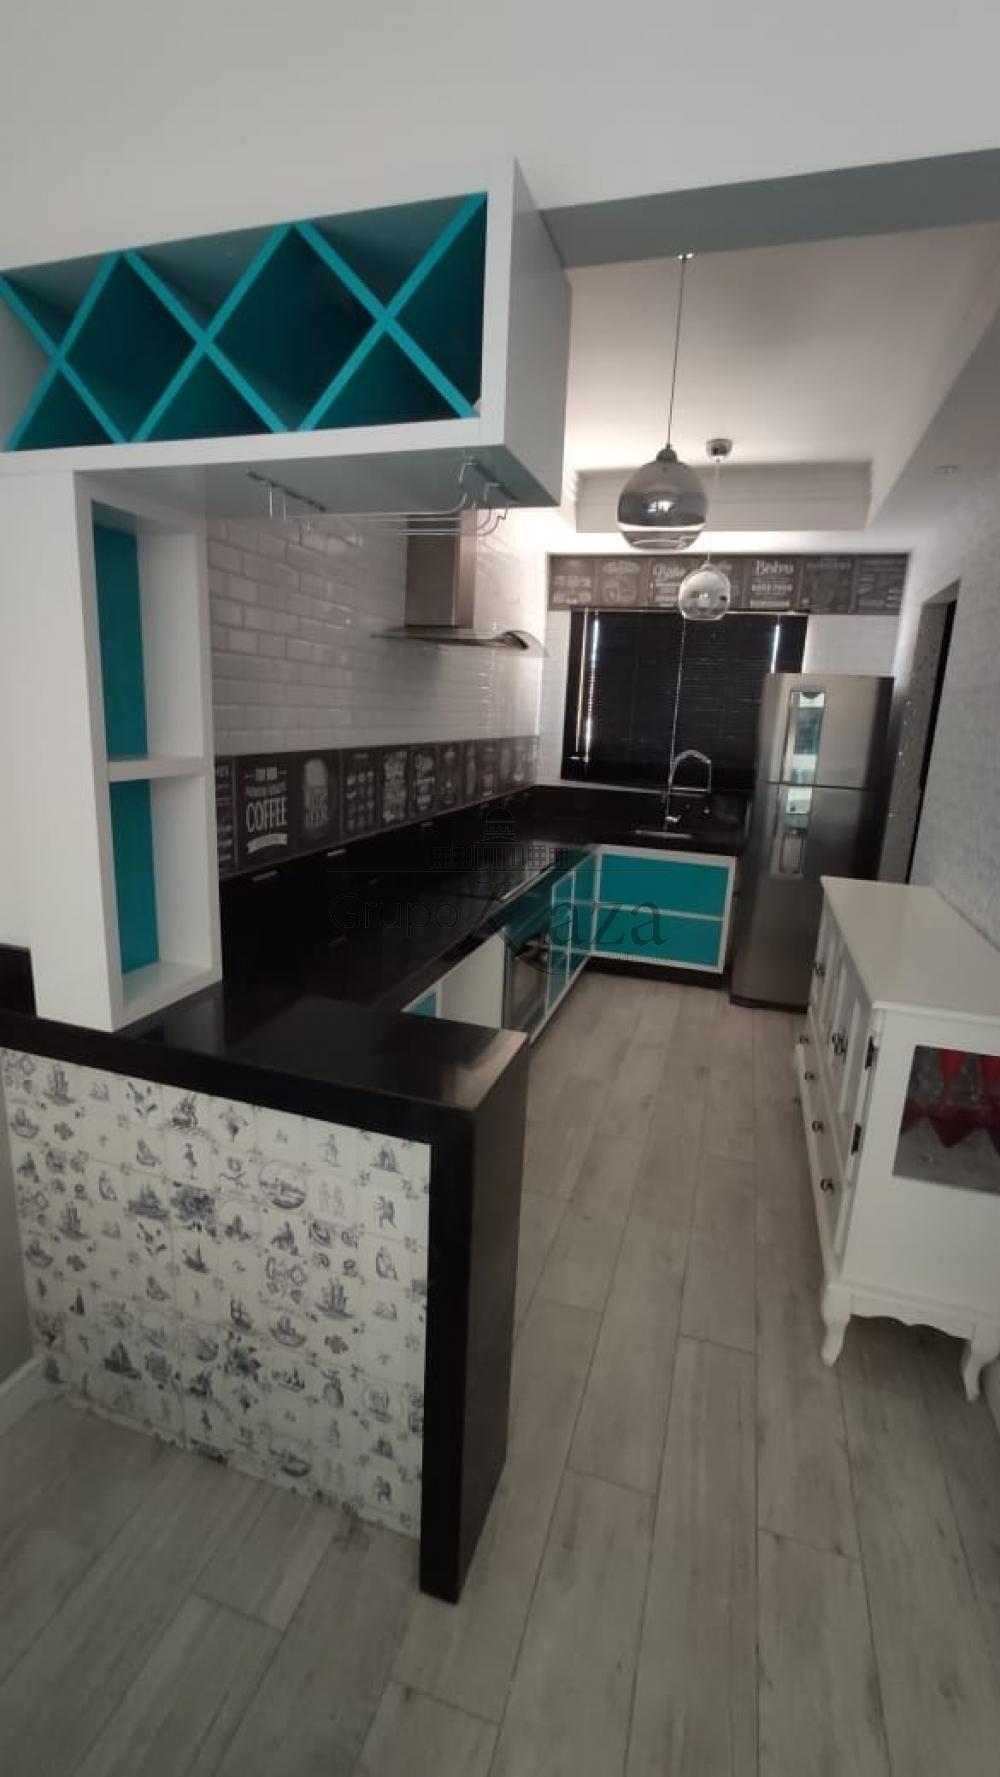 Alugar Apartamento / Padrão em Jacareí R$ 1.400,00 - Foto 6